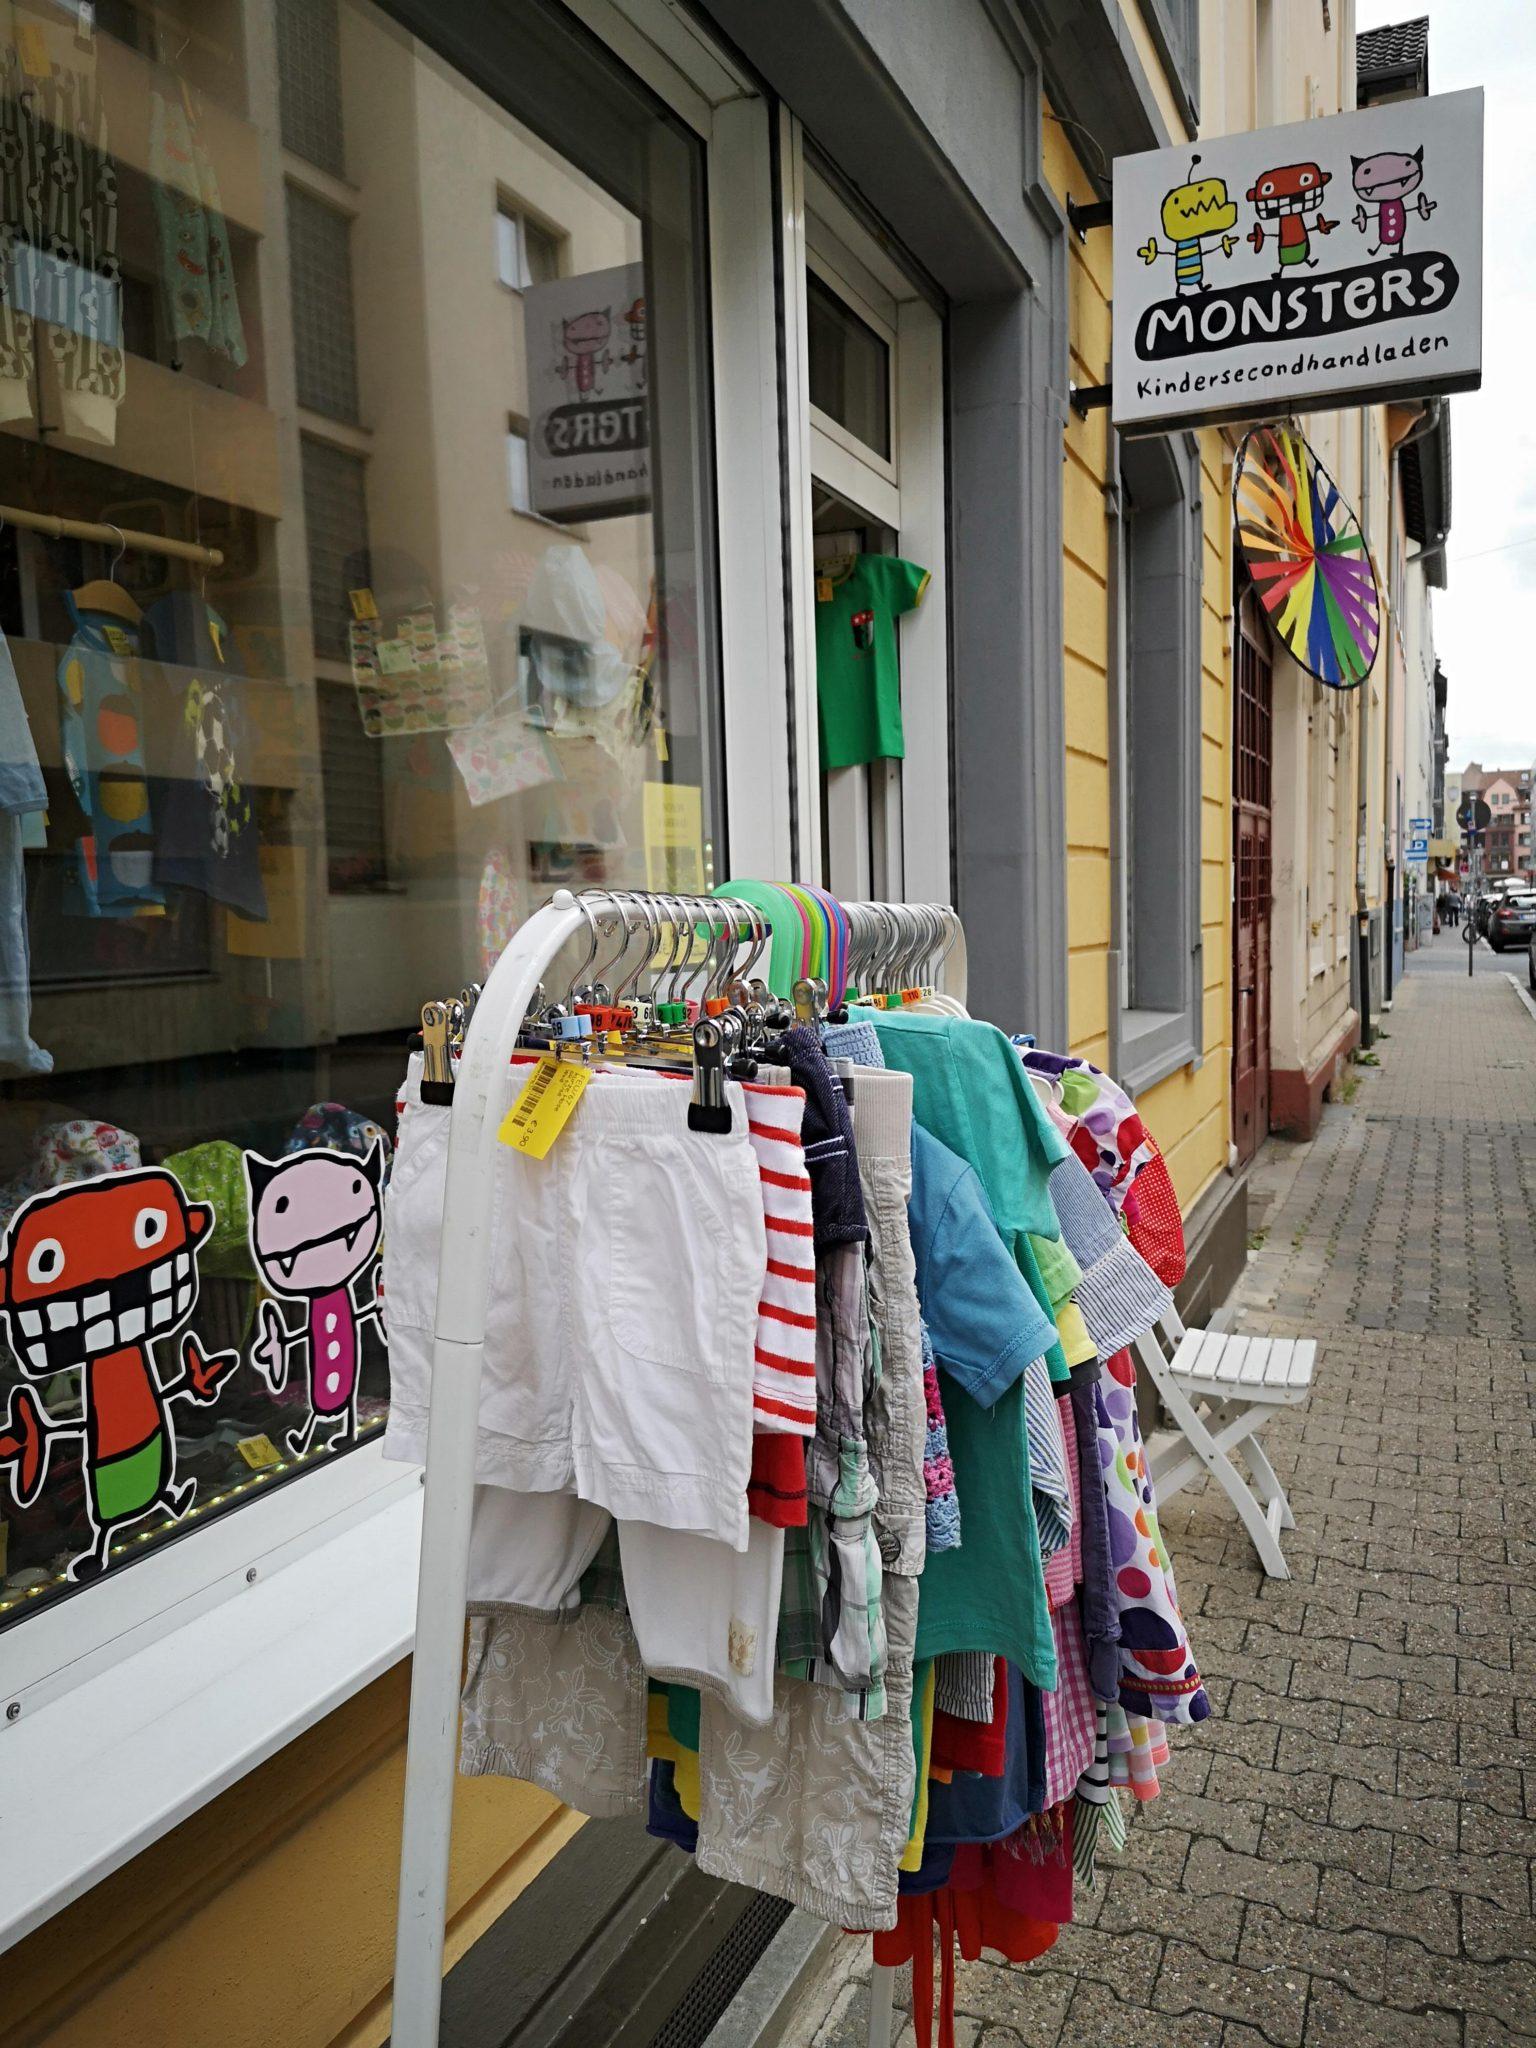 Außenansicht von Monsters Seconhandladen für Kinder